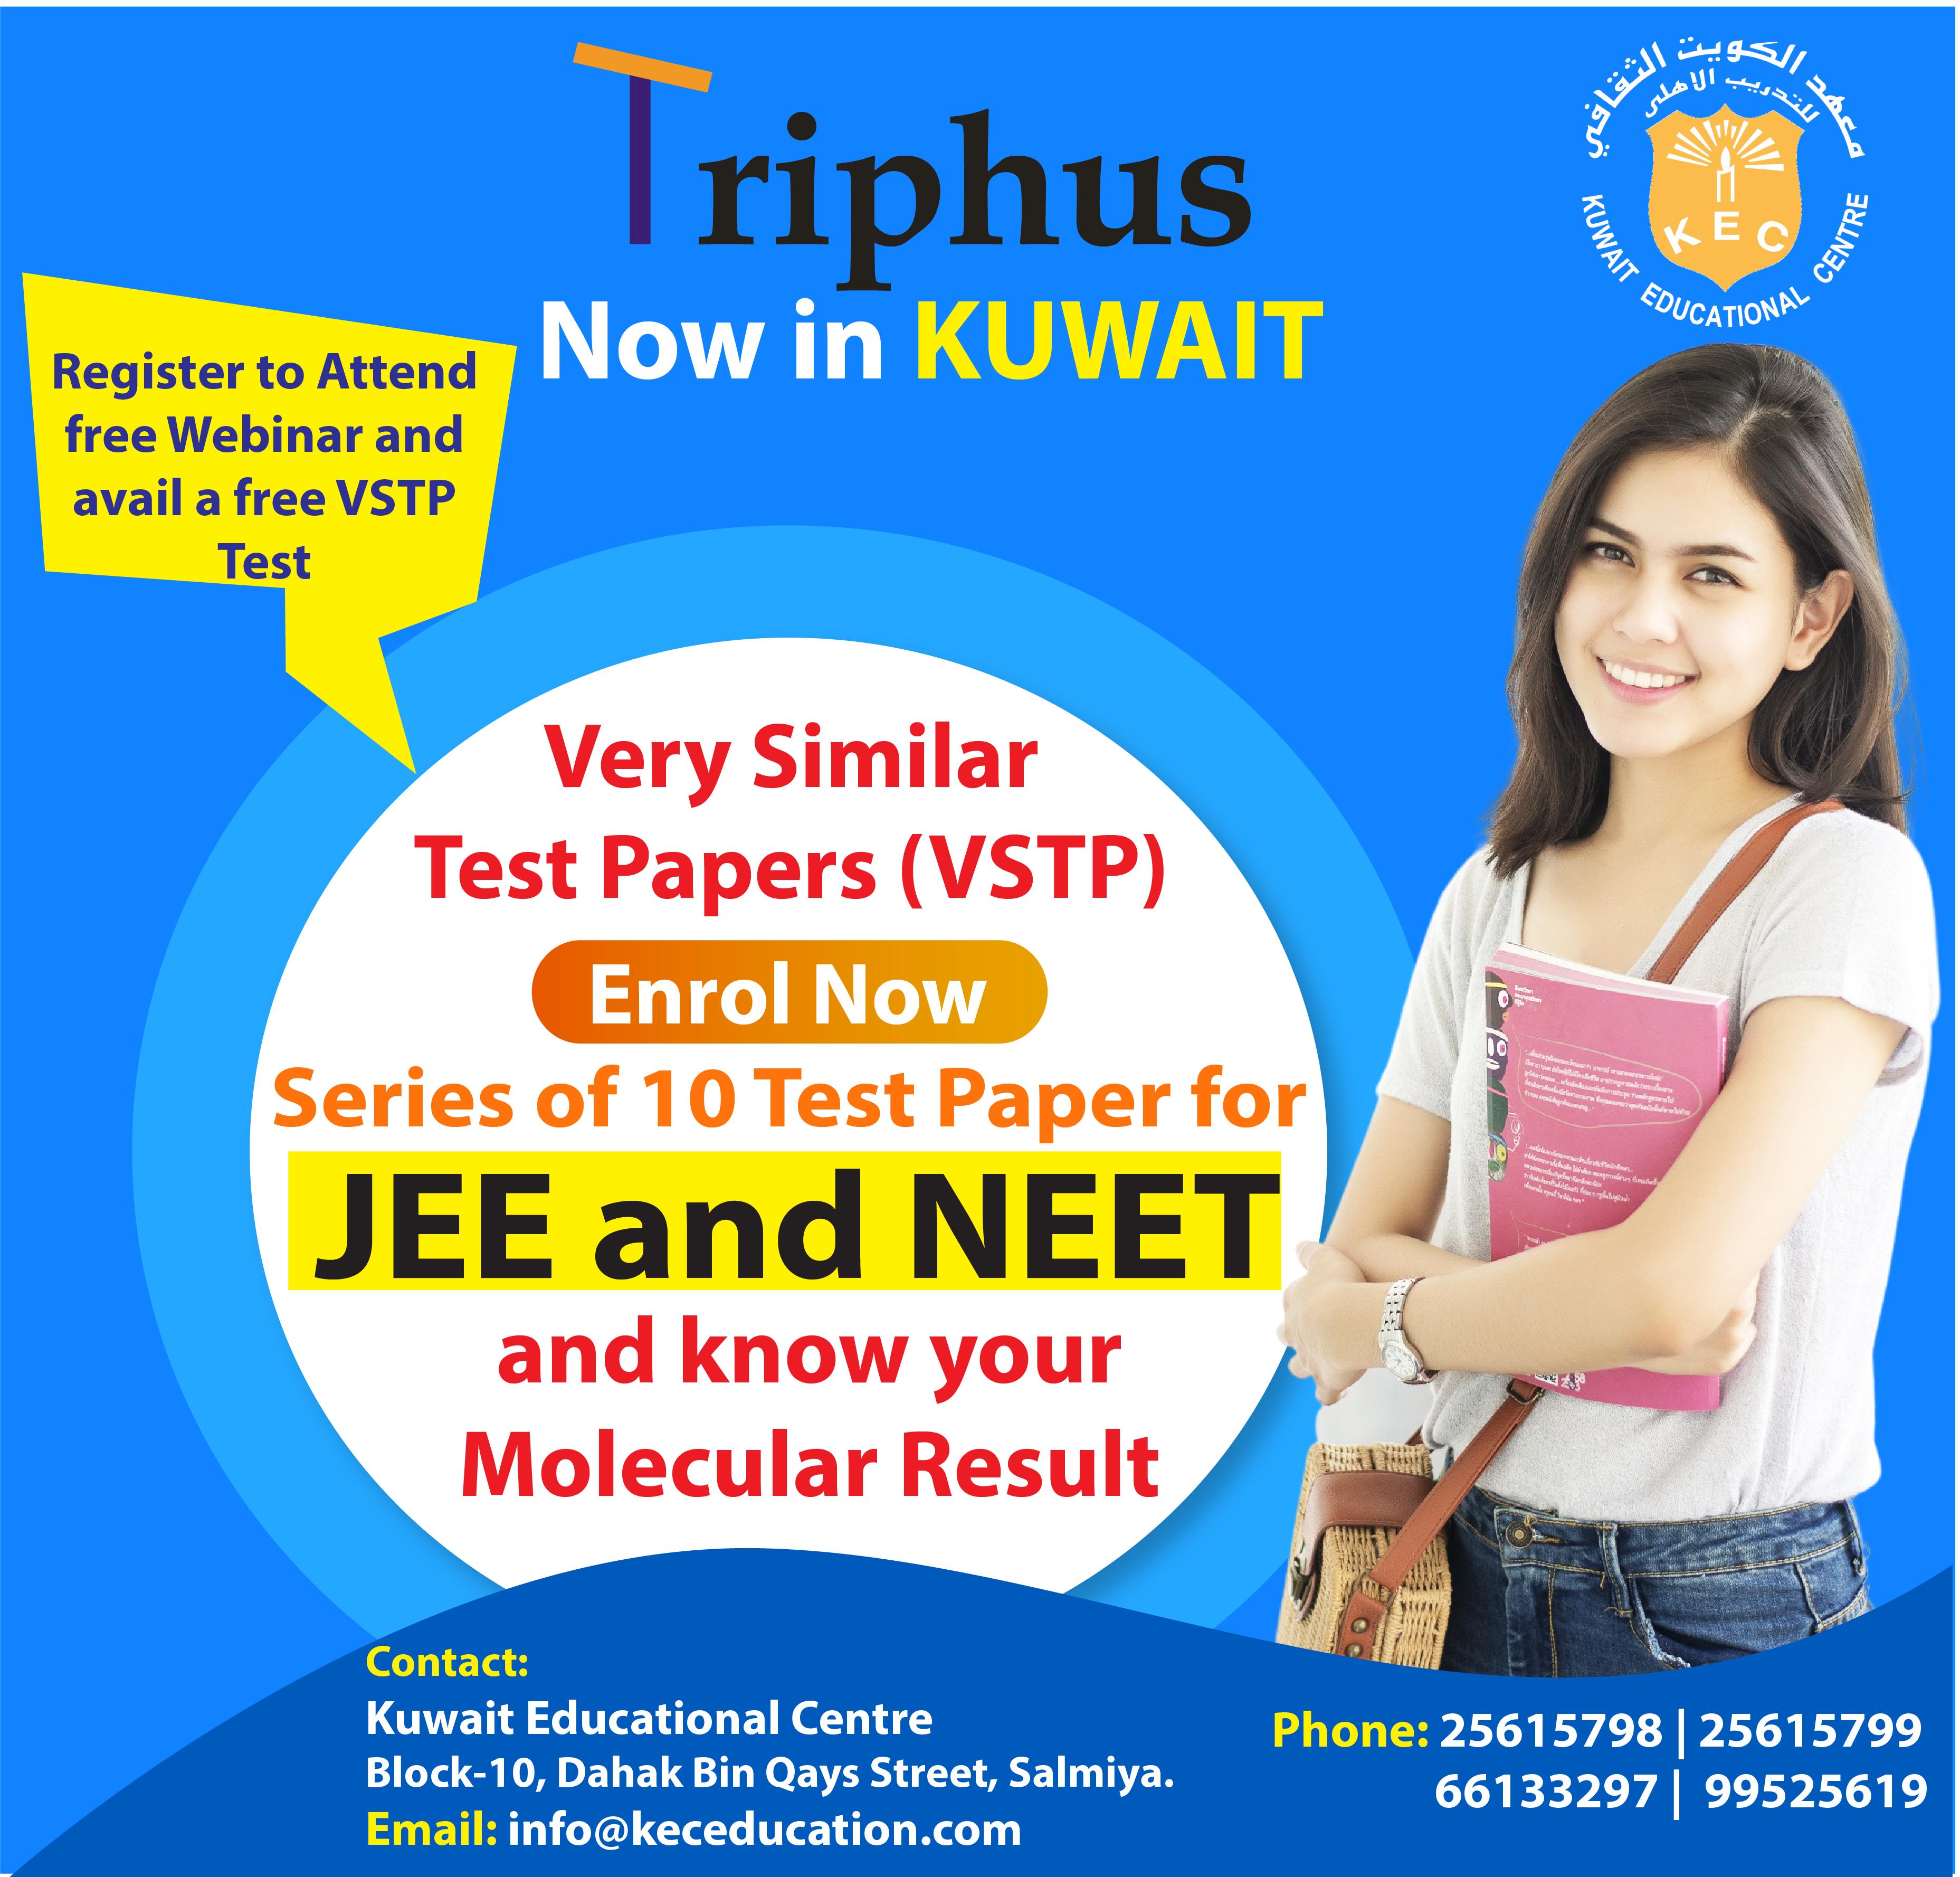 NEET & JEE Test Series